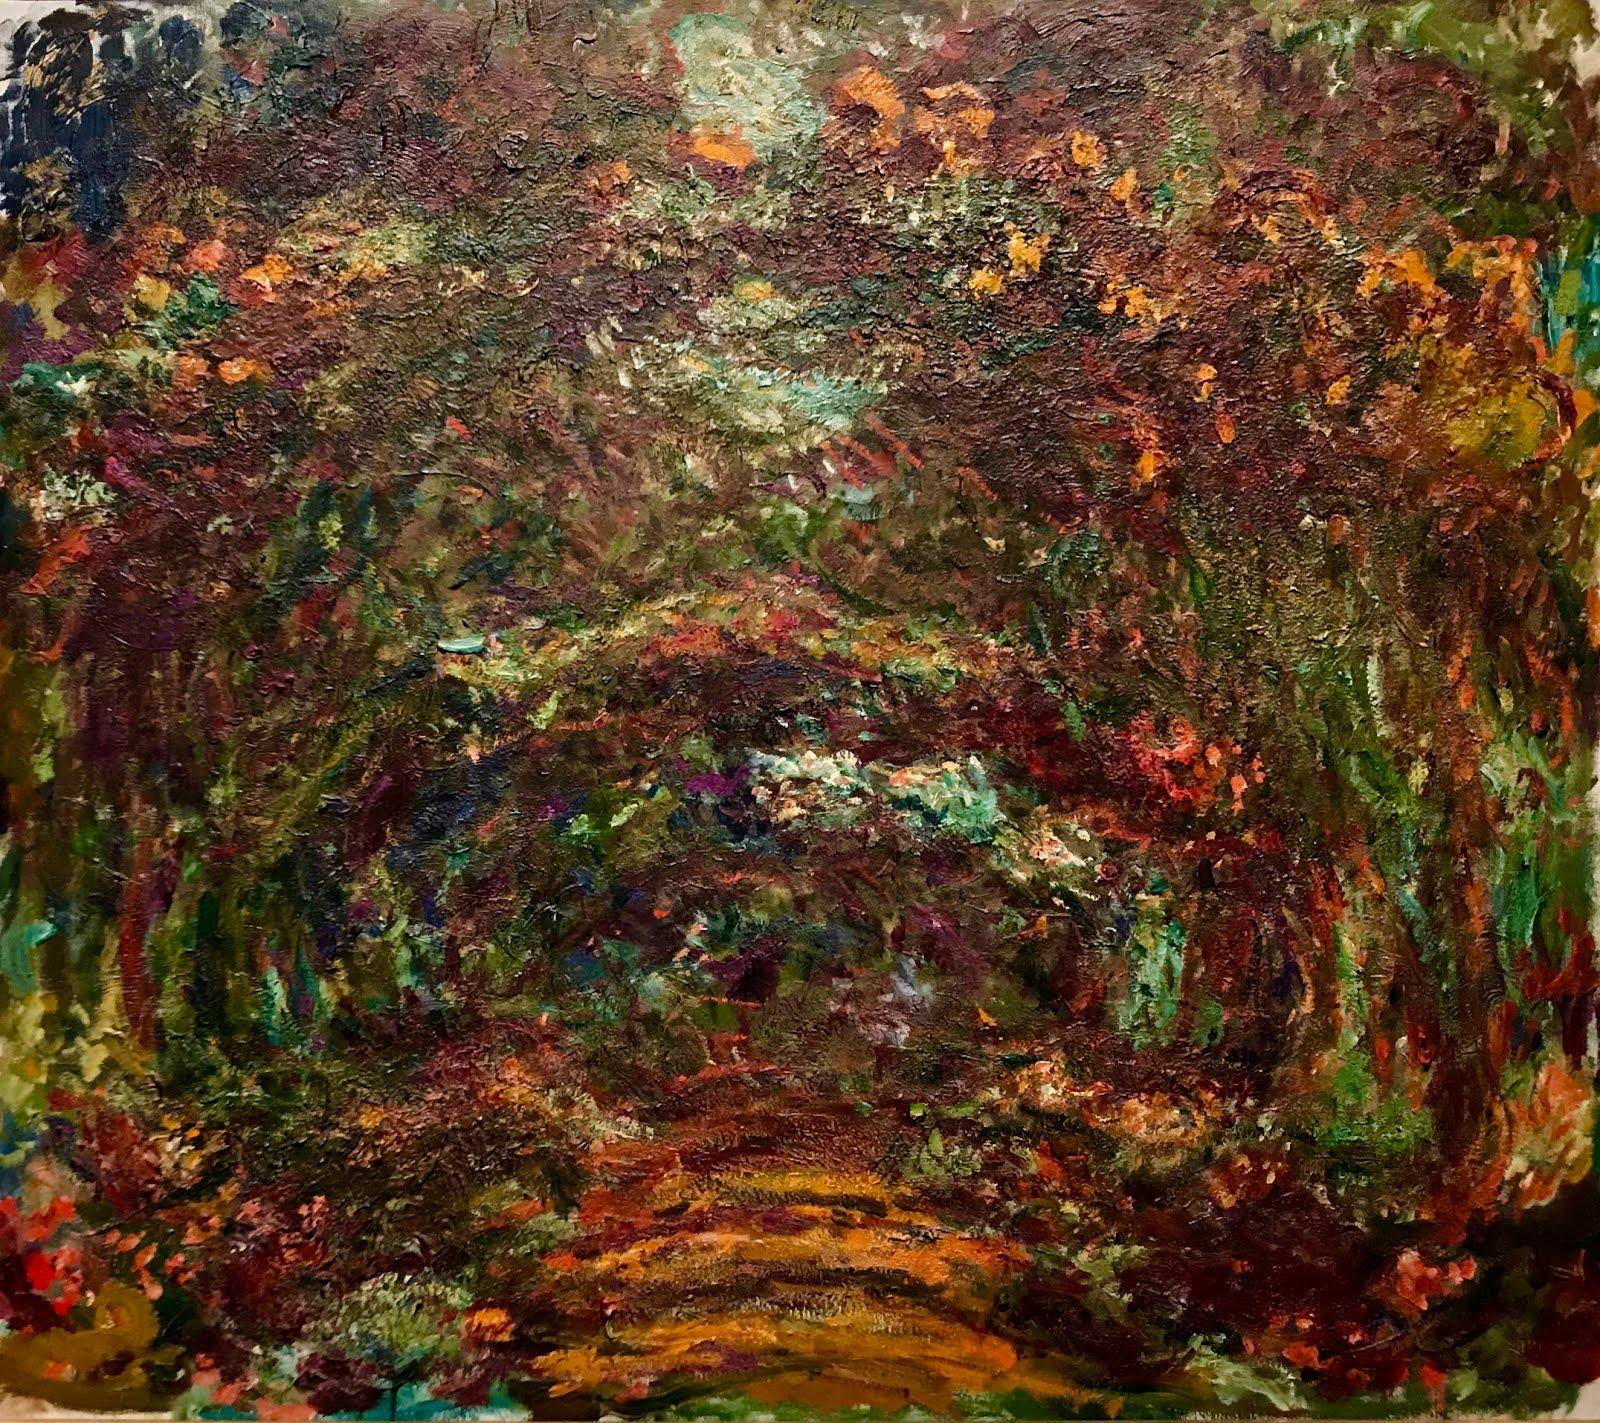 пейзаж < Тропа под аркой, увитой розами, Живерни >:: Клод Моне, описание картины - Claude Monet фото